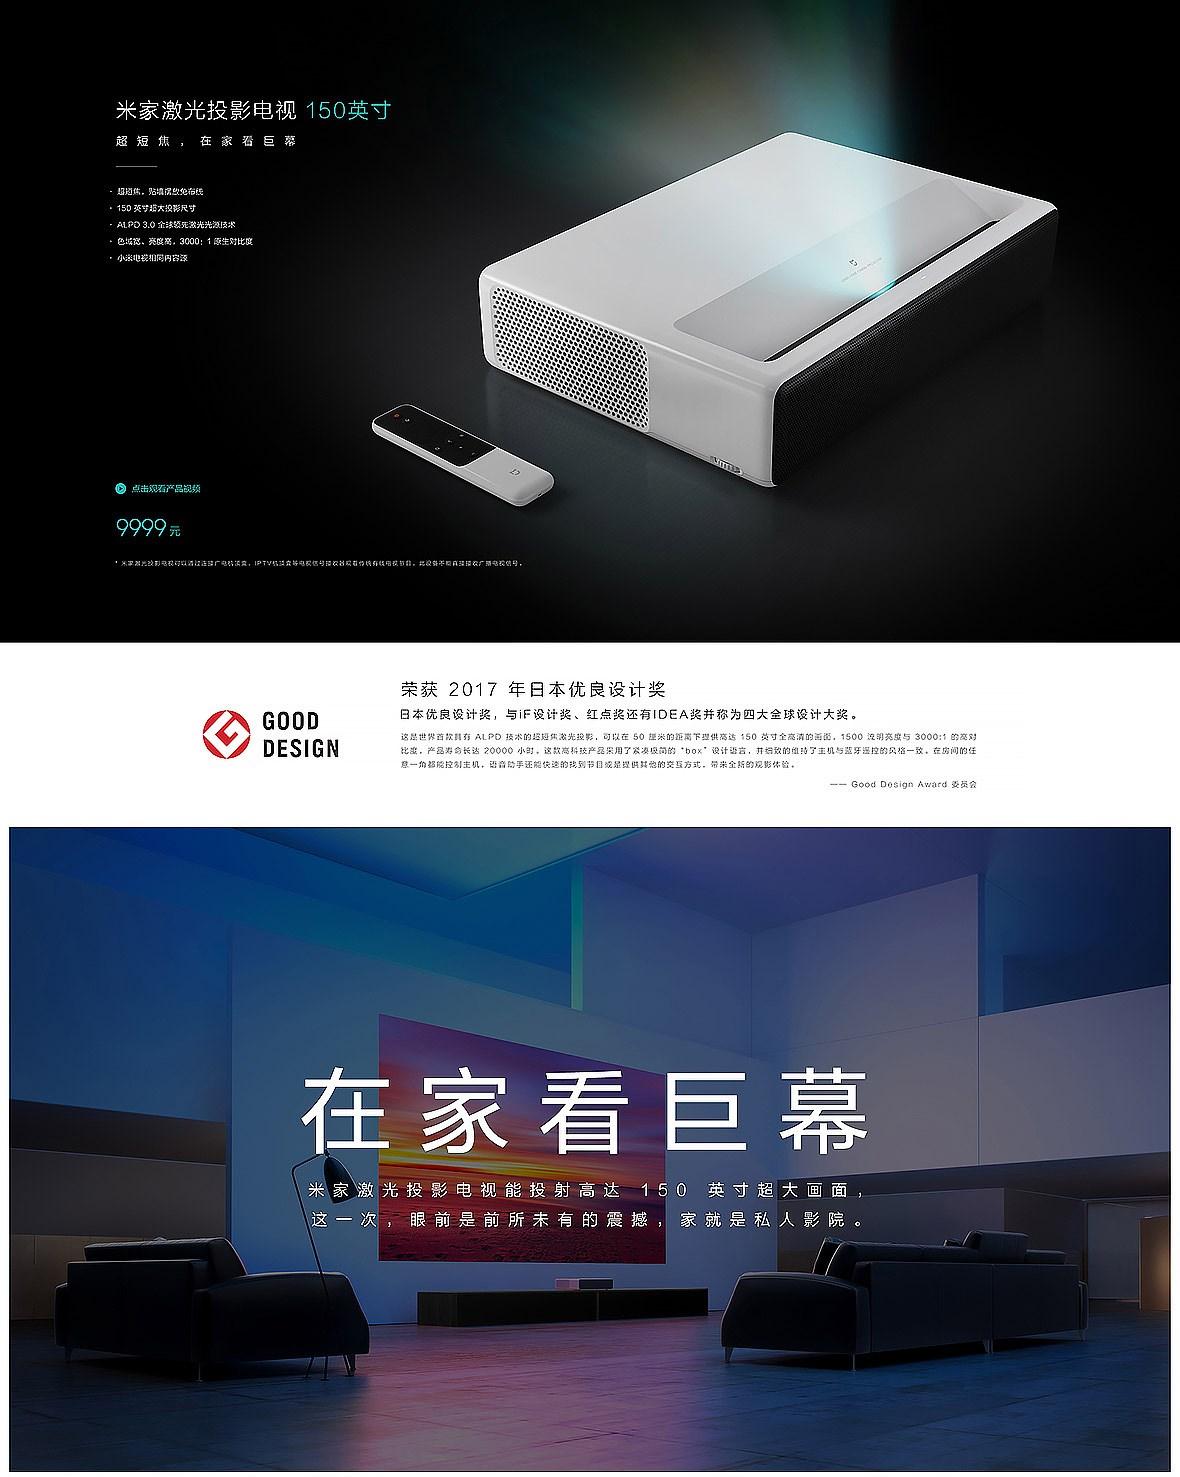 PC_米家激光电视_web_01.jpg